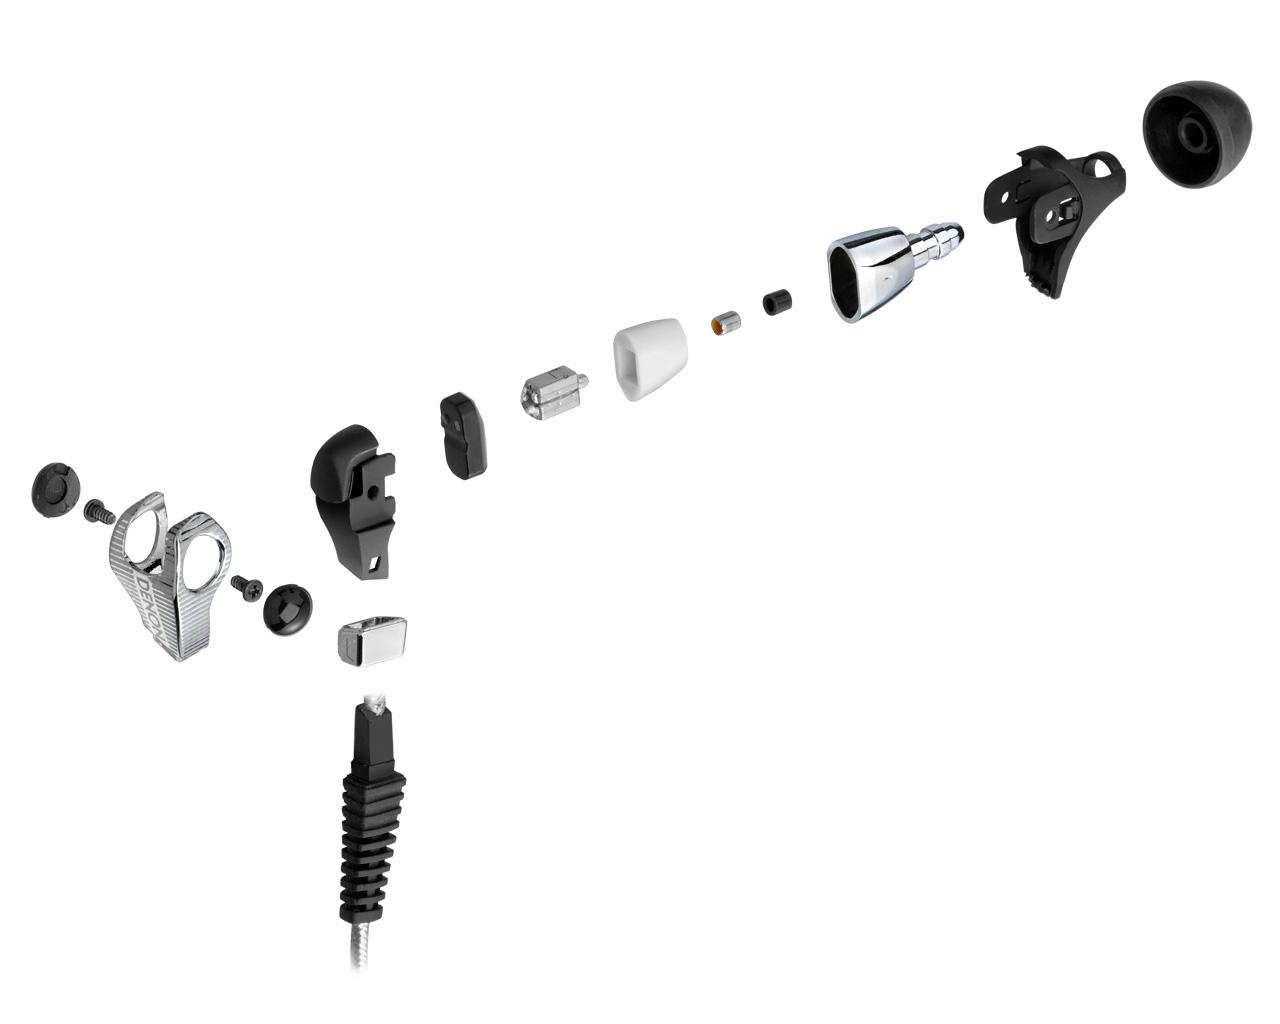 denon 天龙 ah-c400 入耳式耳机-耳机结构爆炸视图[官方图]